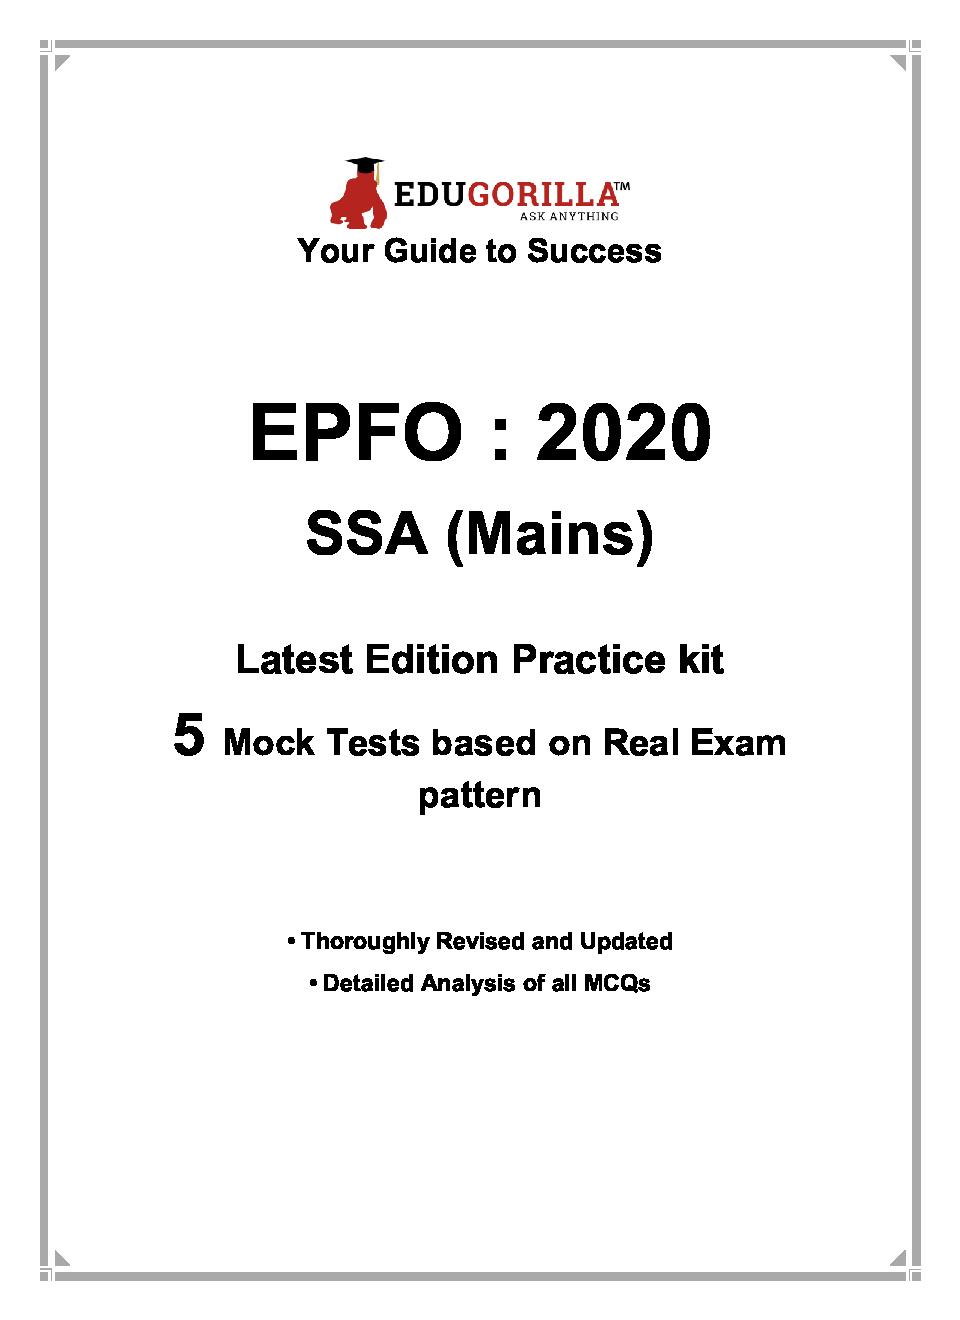 EduGorilla EPFO SSA (Mains) - 2020 - 5 Mock Test - Latest Edition Practice Kit - Page 3